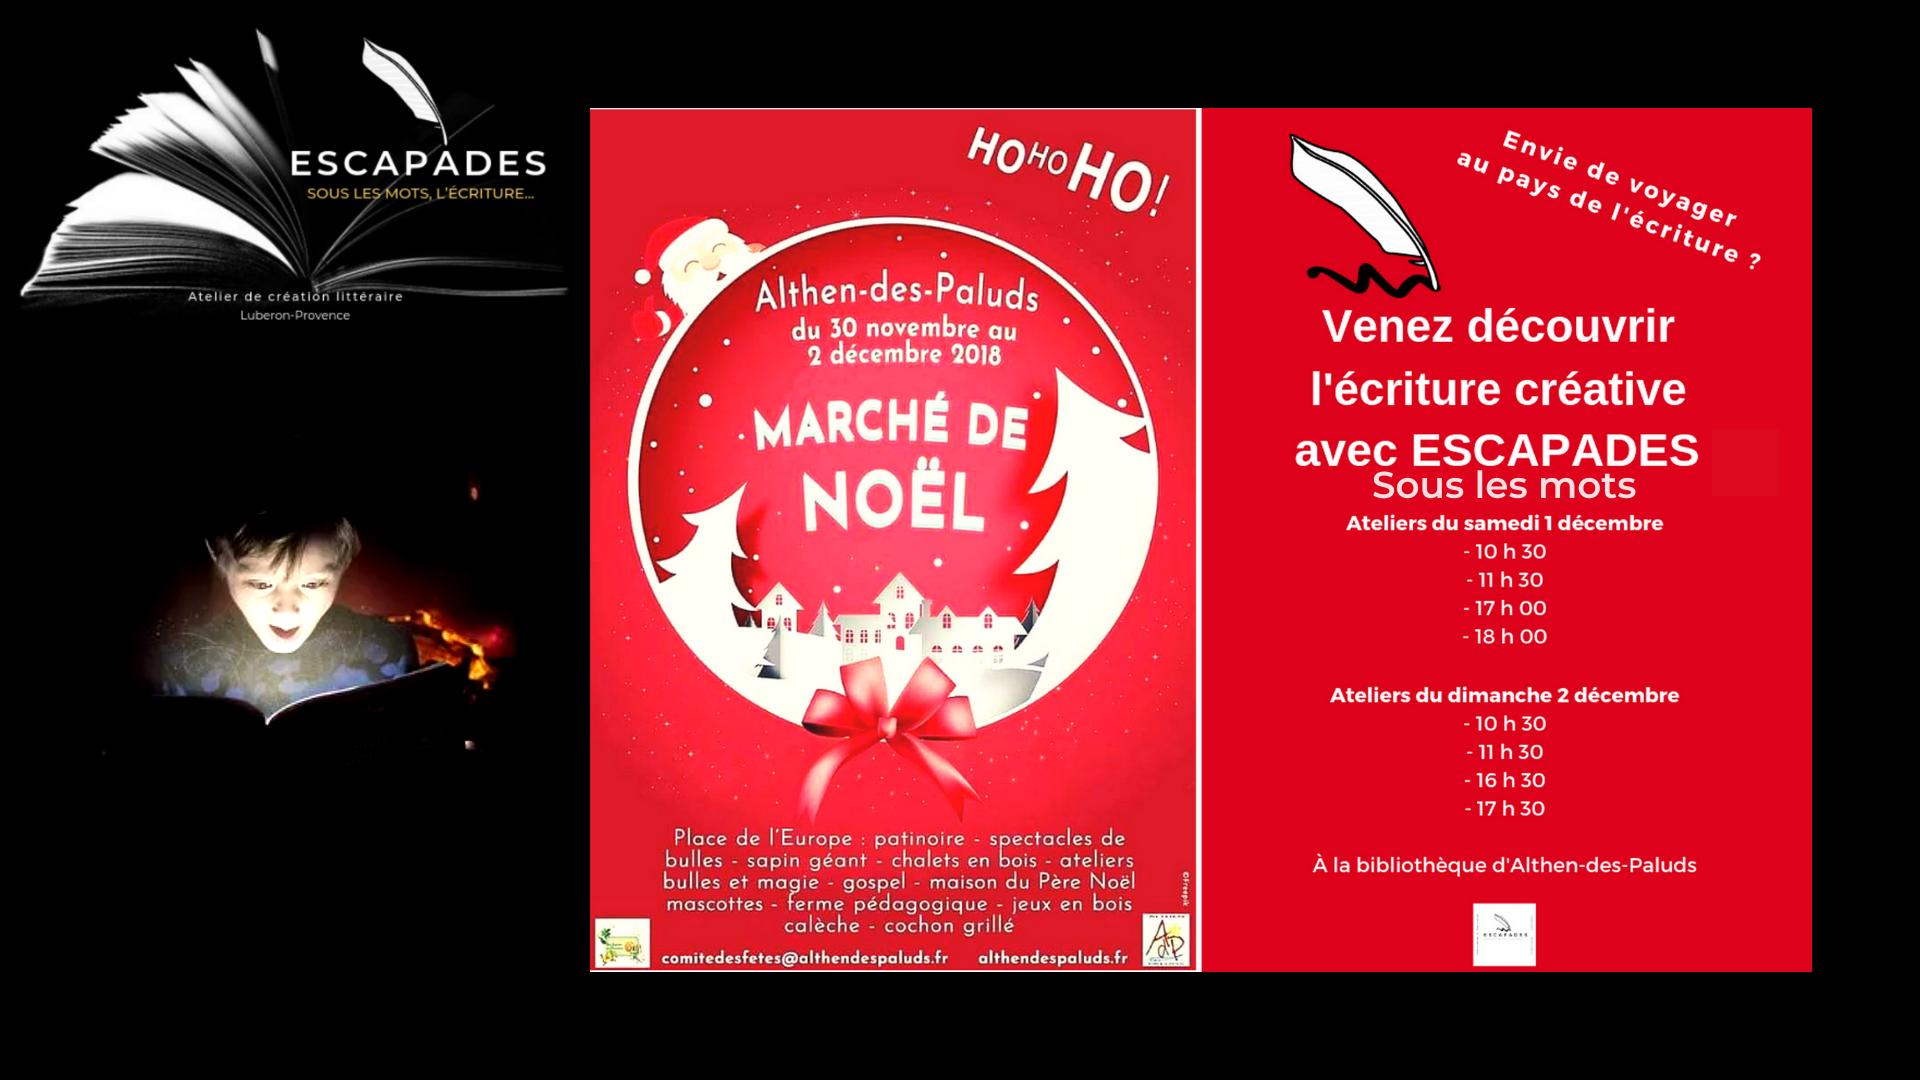 Marché de Noël Althen-des-Paluds : Ateliers découverte de l'écriture créative